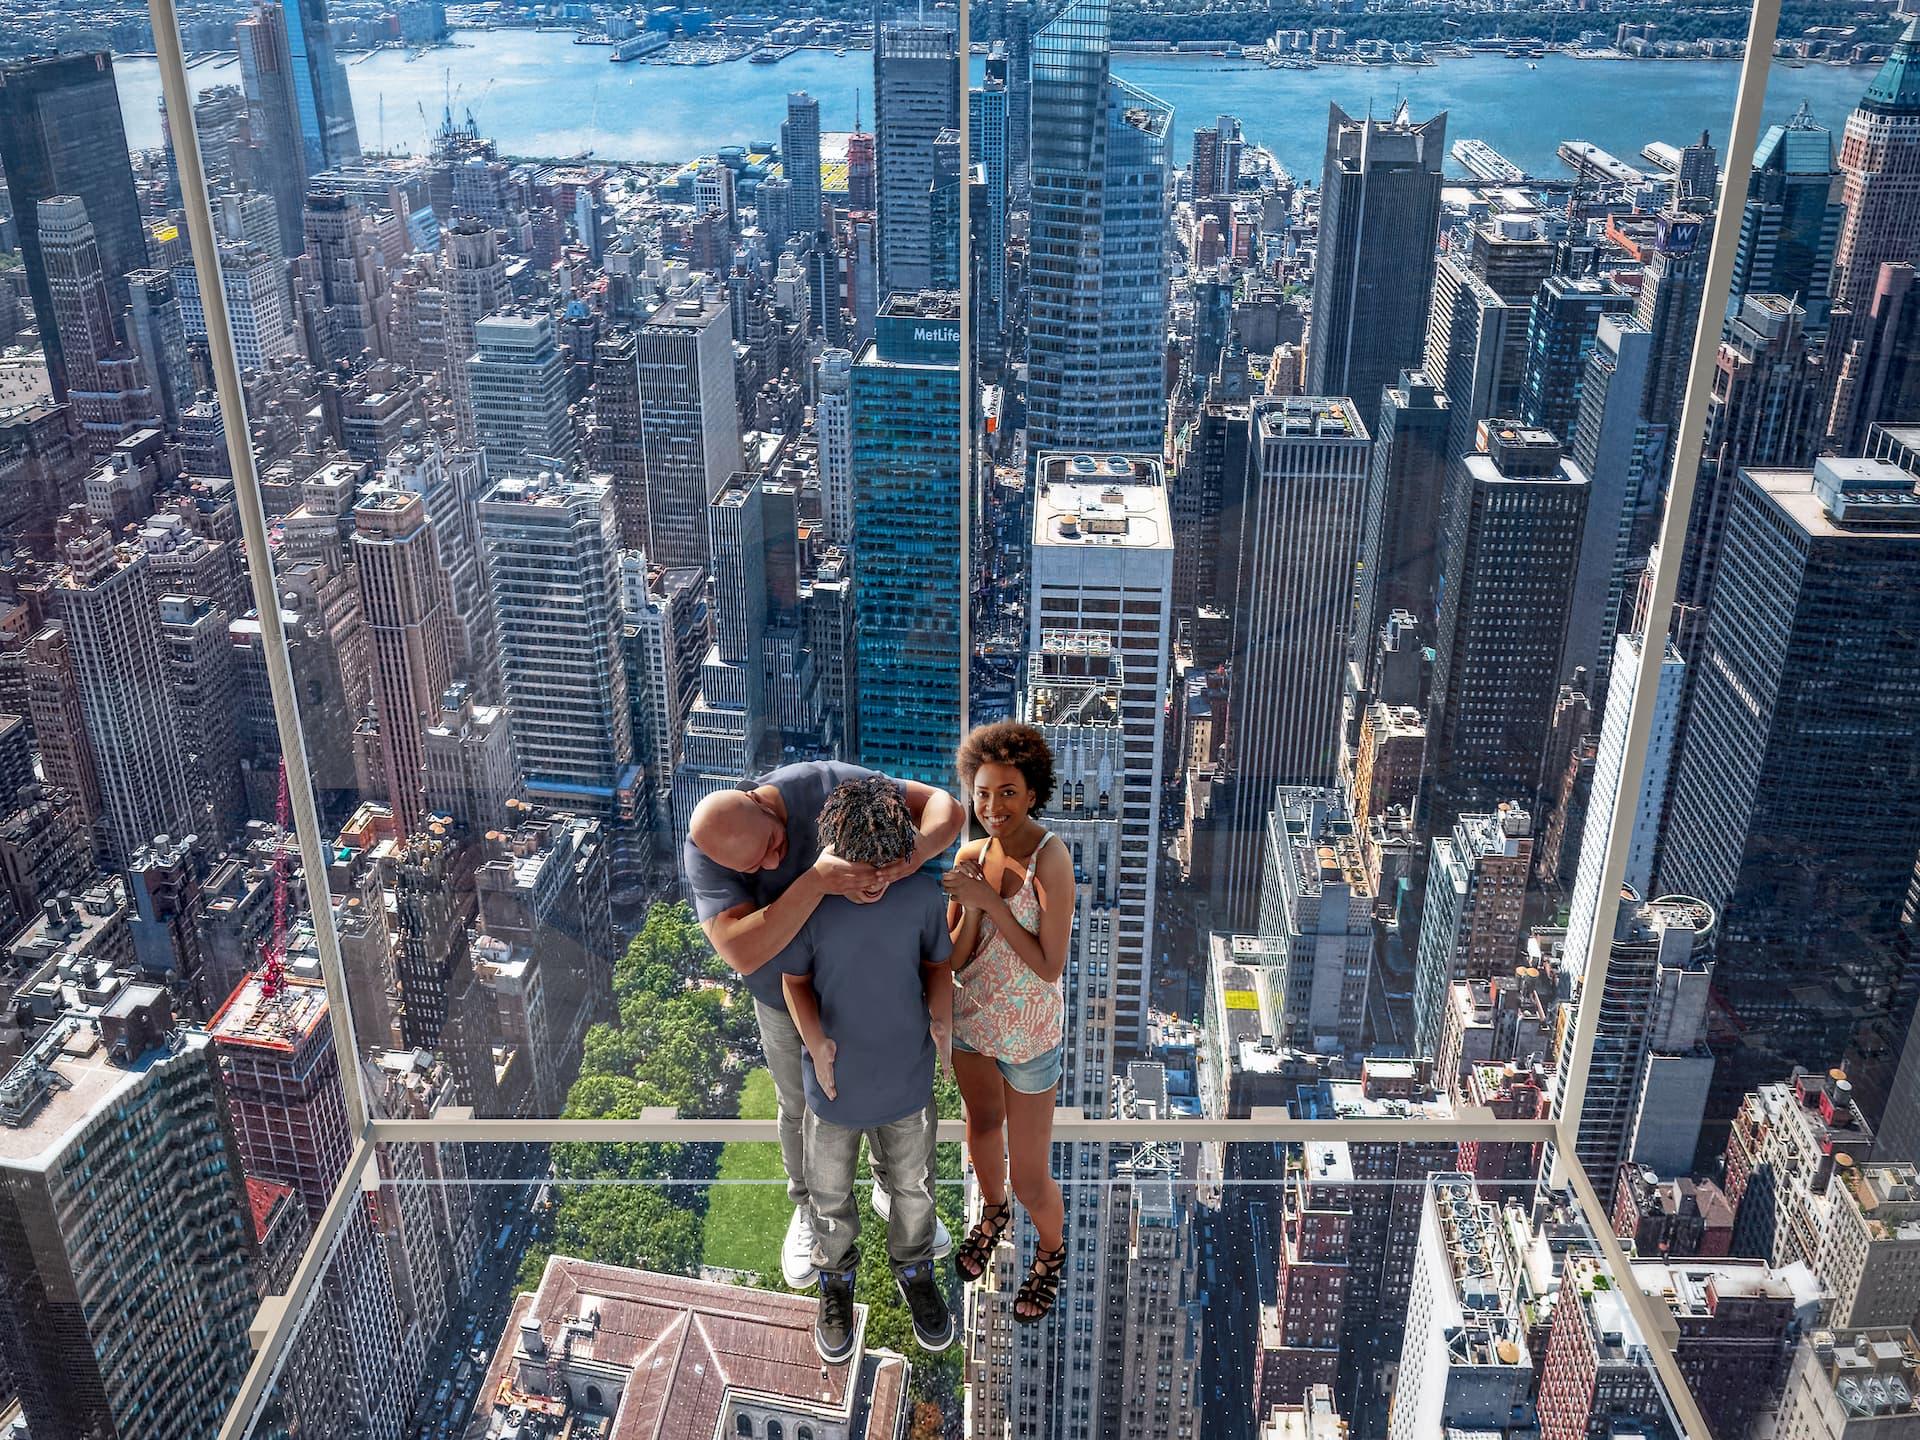 El 21 de octubre inaugura el nuevo mirador de Nueva York: SUMMIT